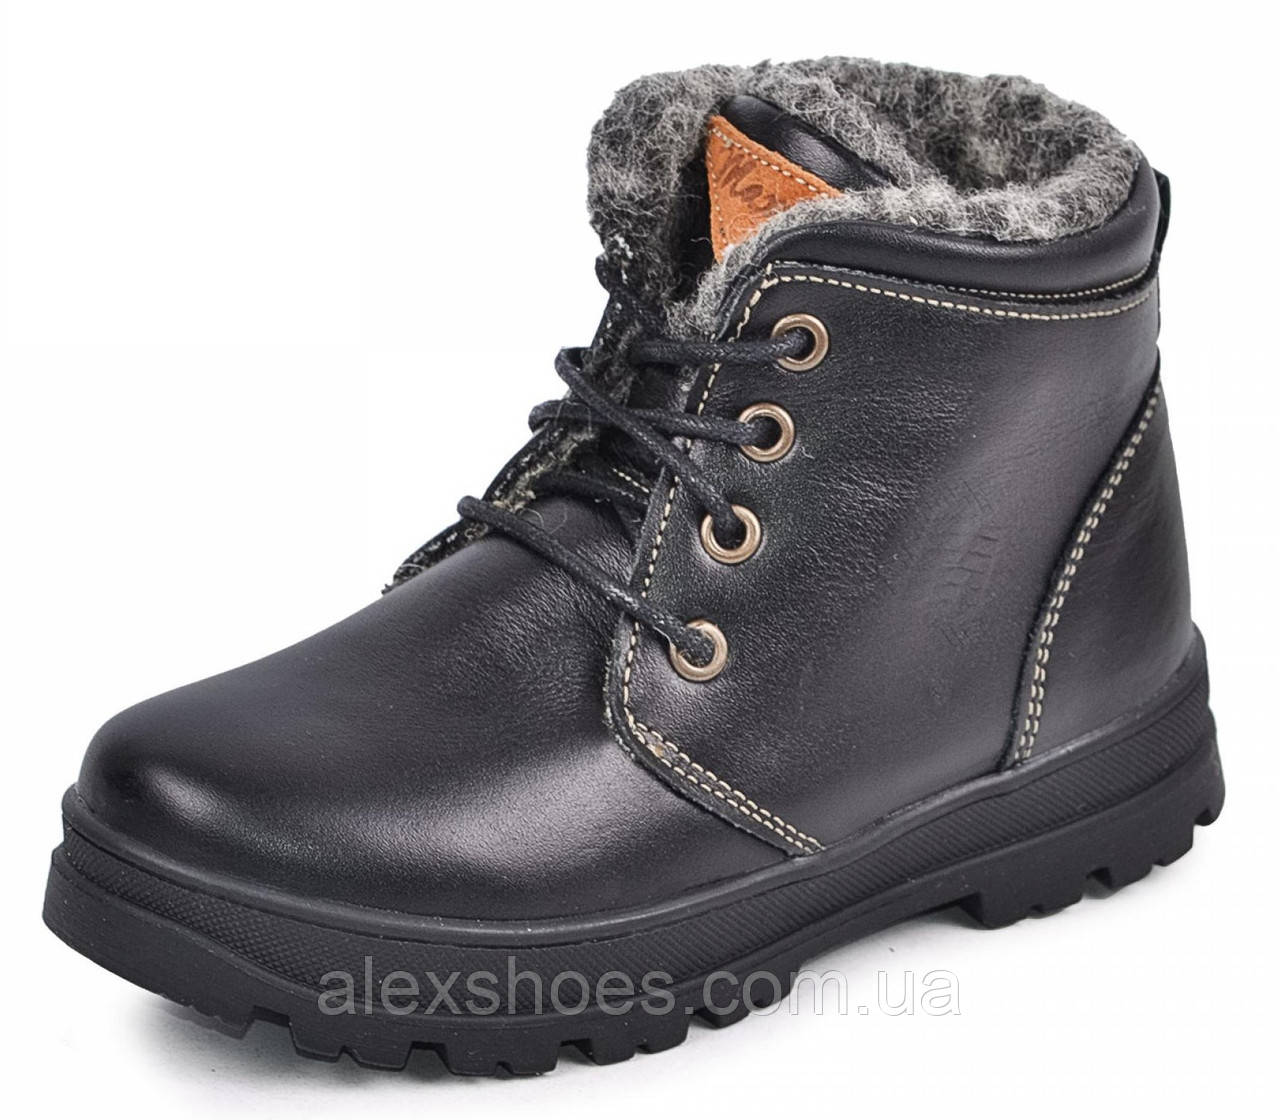 Ботинки подростковые из натуральной кожи от производителя модель МАК124